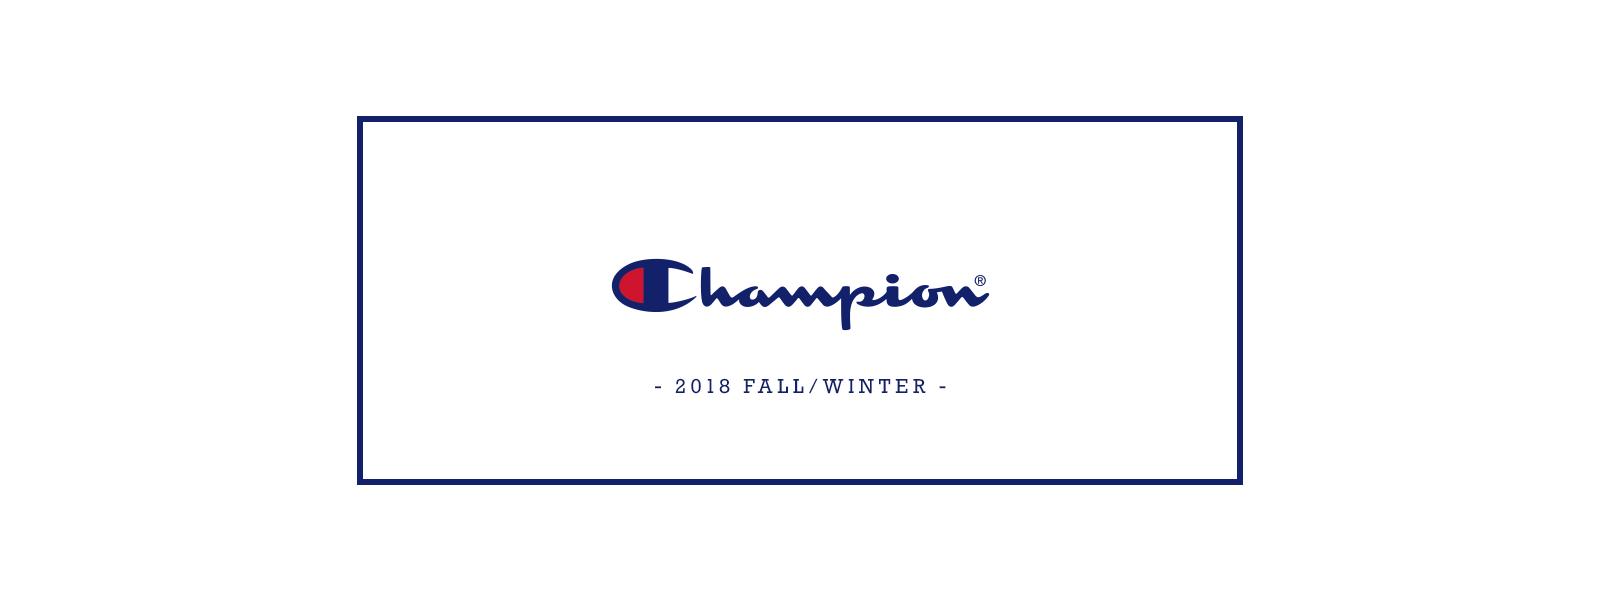 Champion 2018 FALL/WINTER